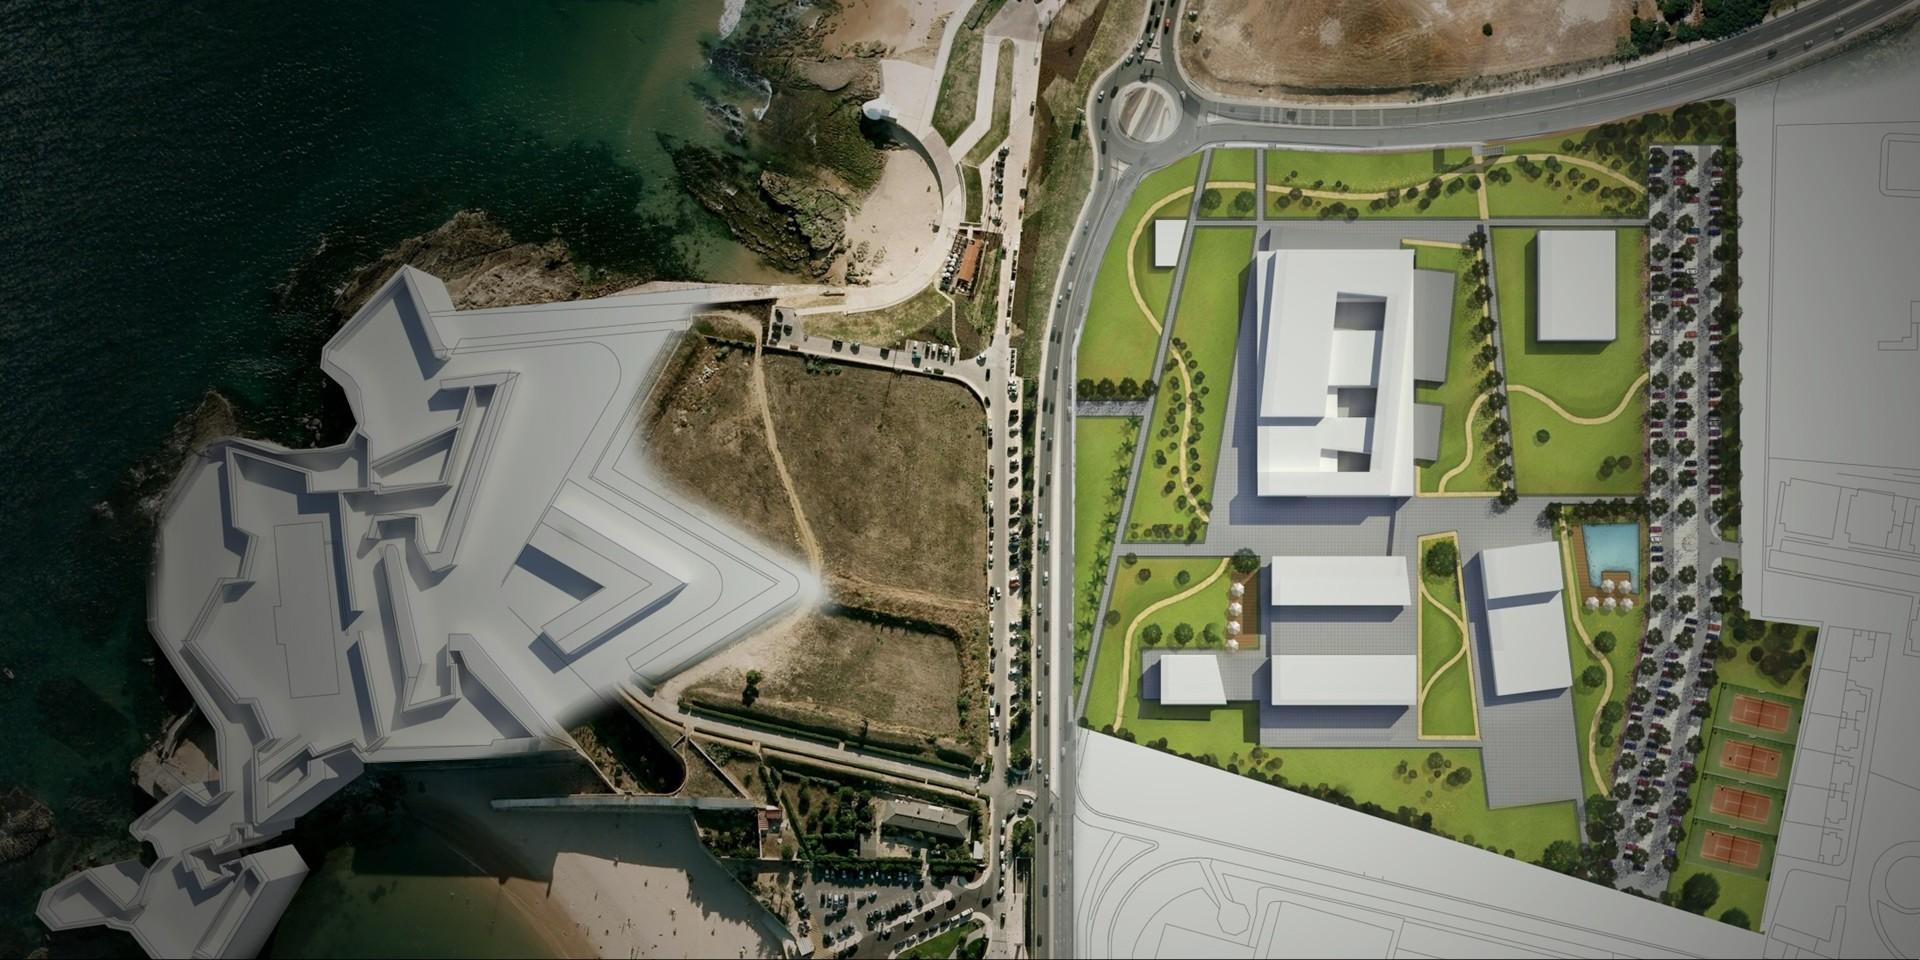 Nova investe 40 milhões em novo campus em Carcavelos (obras arrancam em  setembro) ea30142d09a